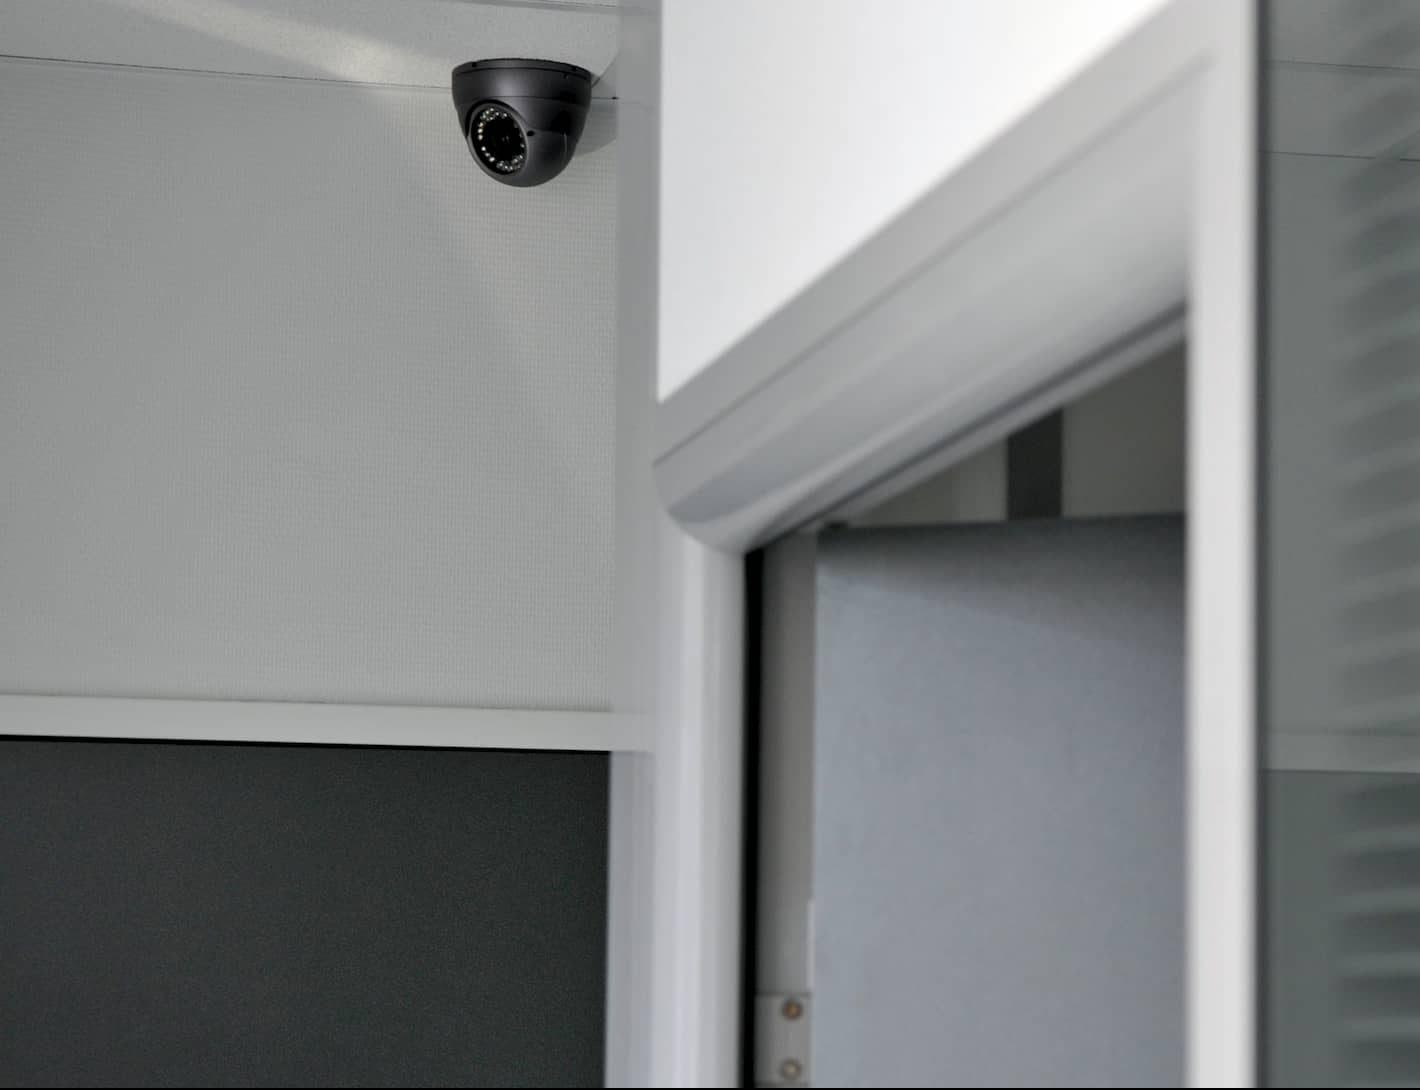 FIBC Dreux - Matériel électrique pour caméra de vidéosurveillance adapté aux professionnels